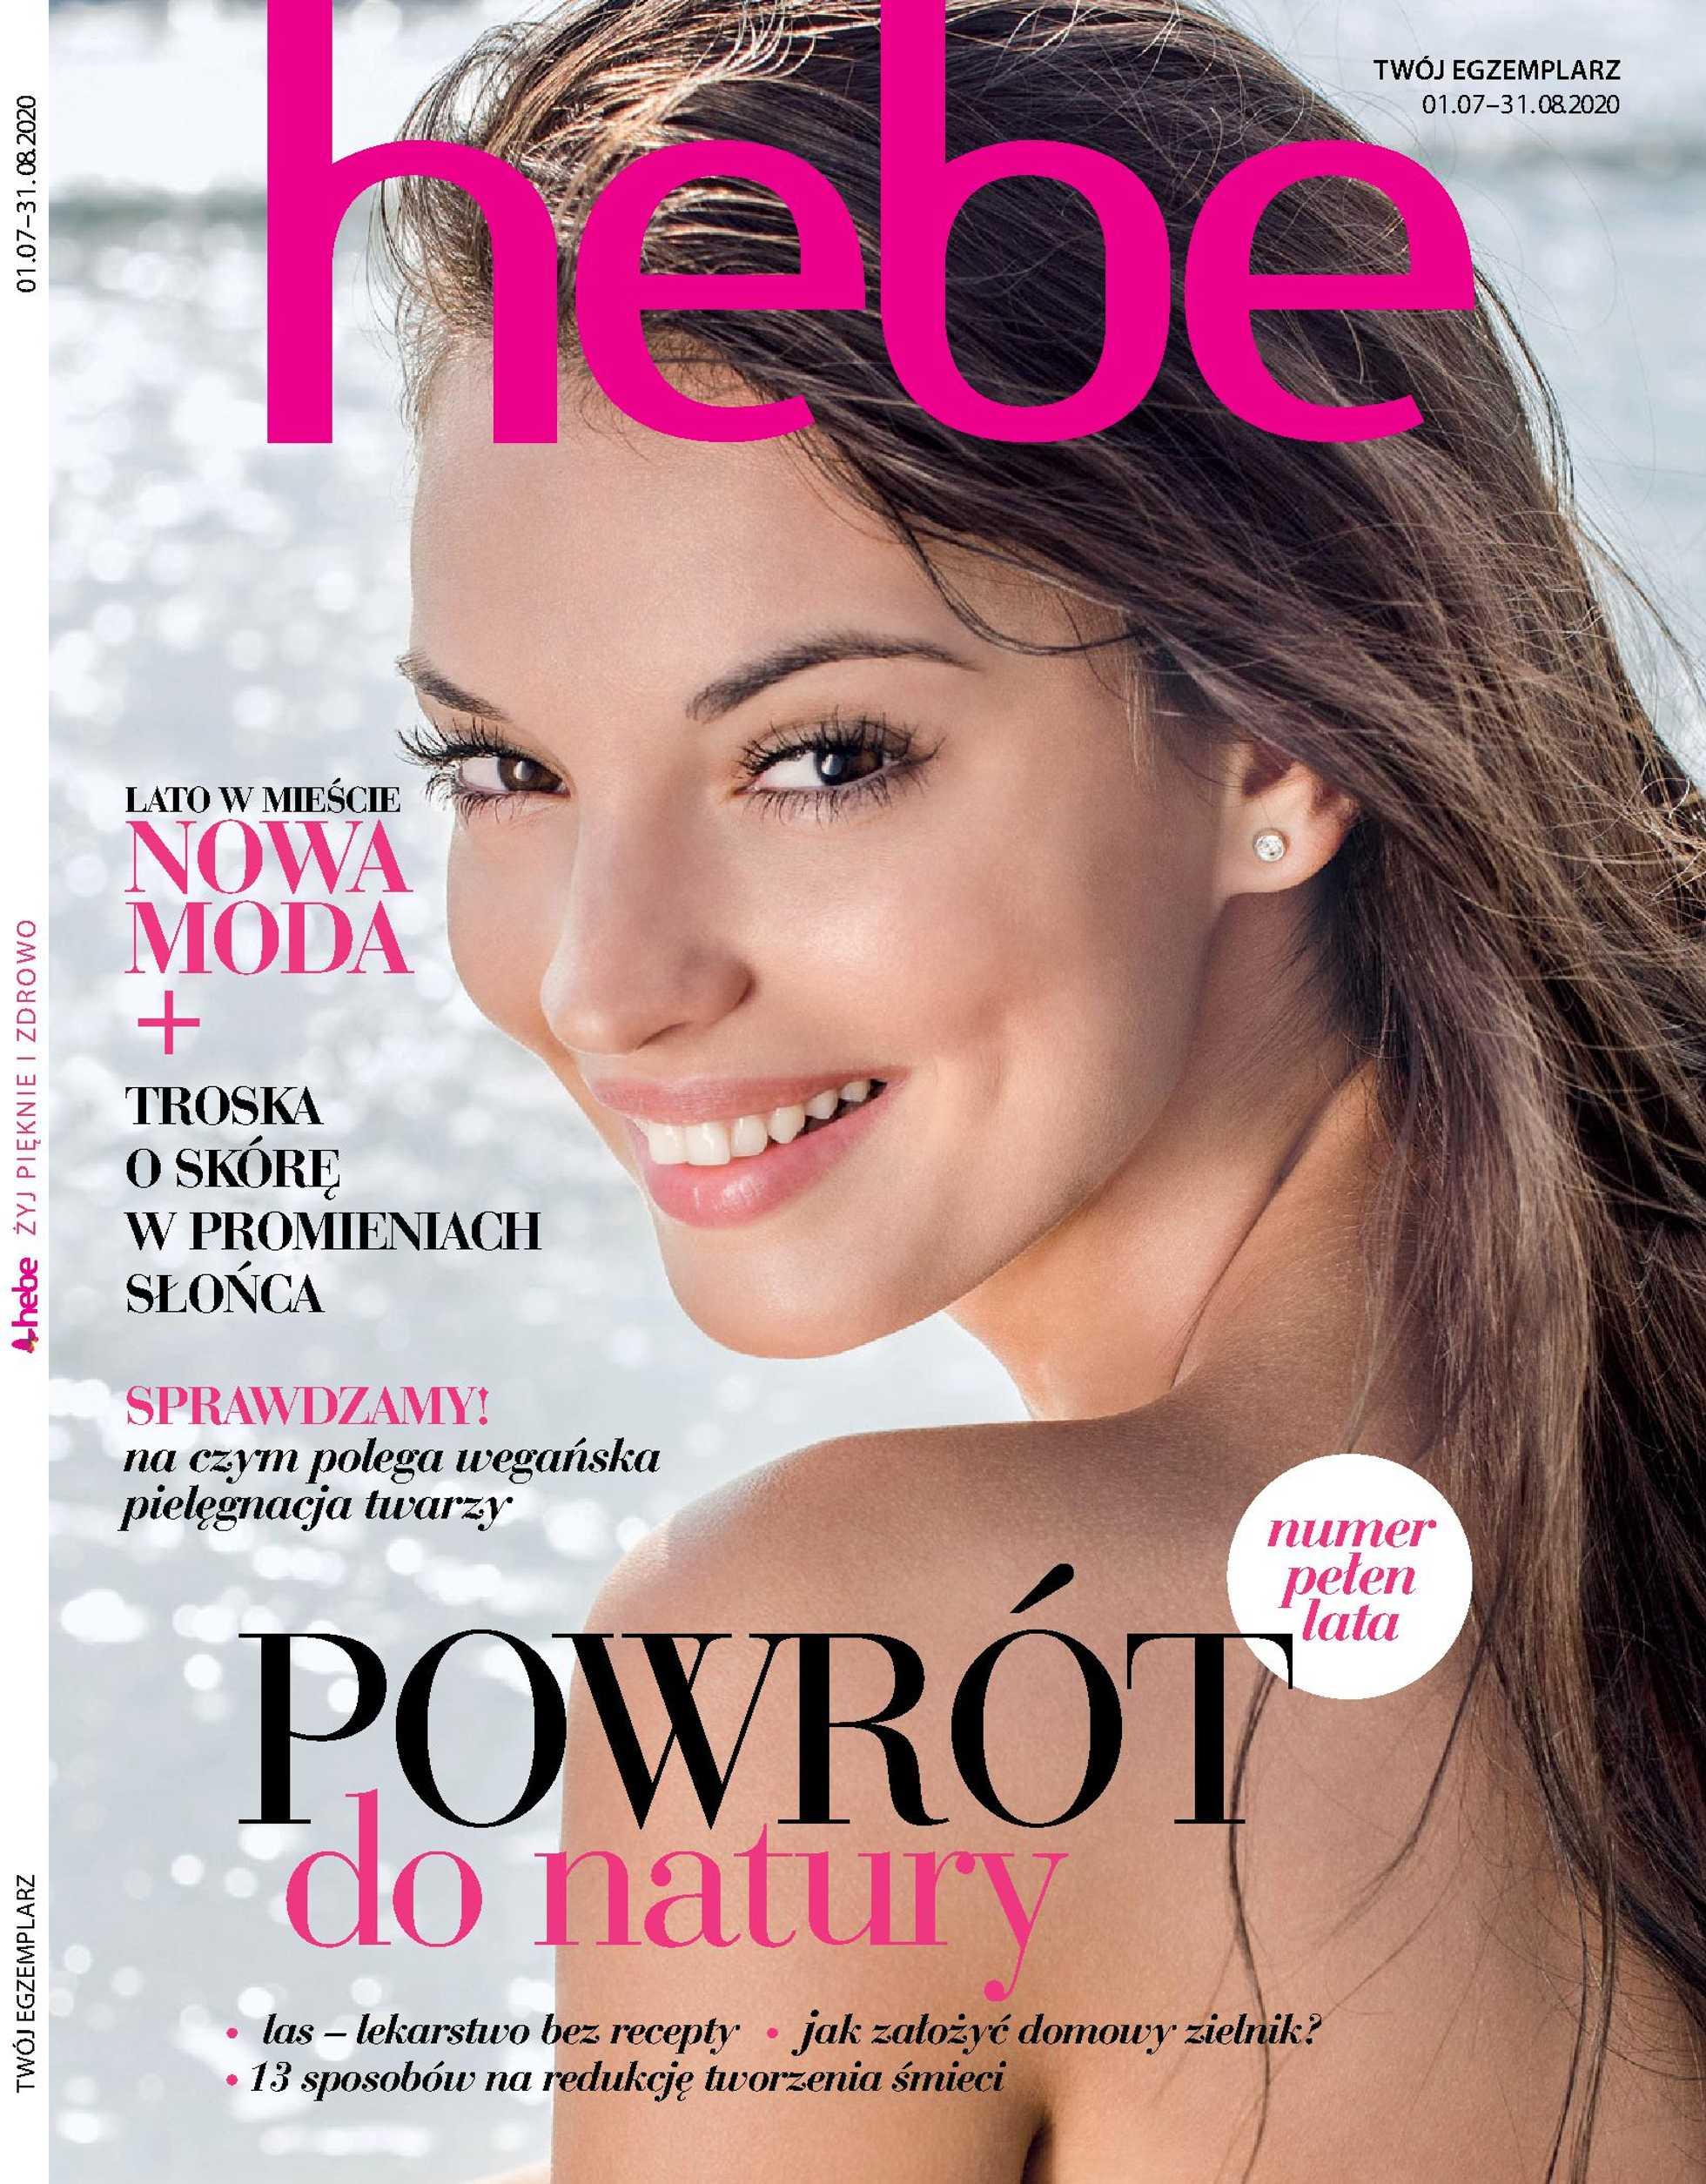 Hebe - gazetka promocyjna ważna od 01.07.2020 do 31.08.2020 - strona 1.